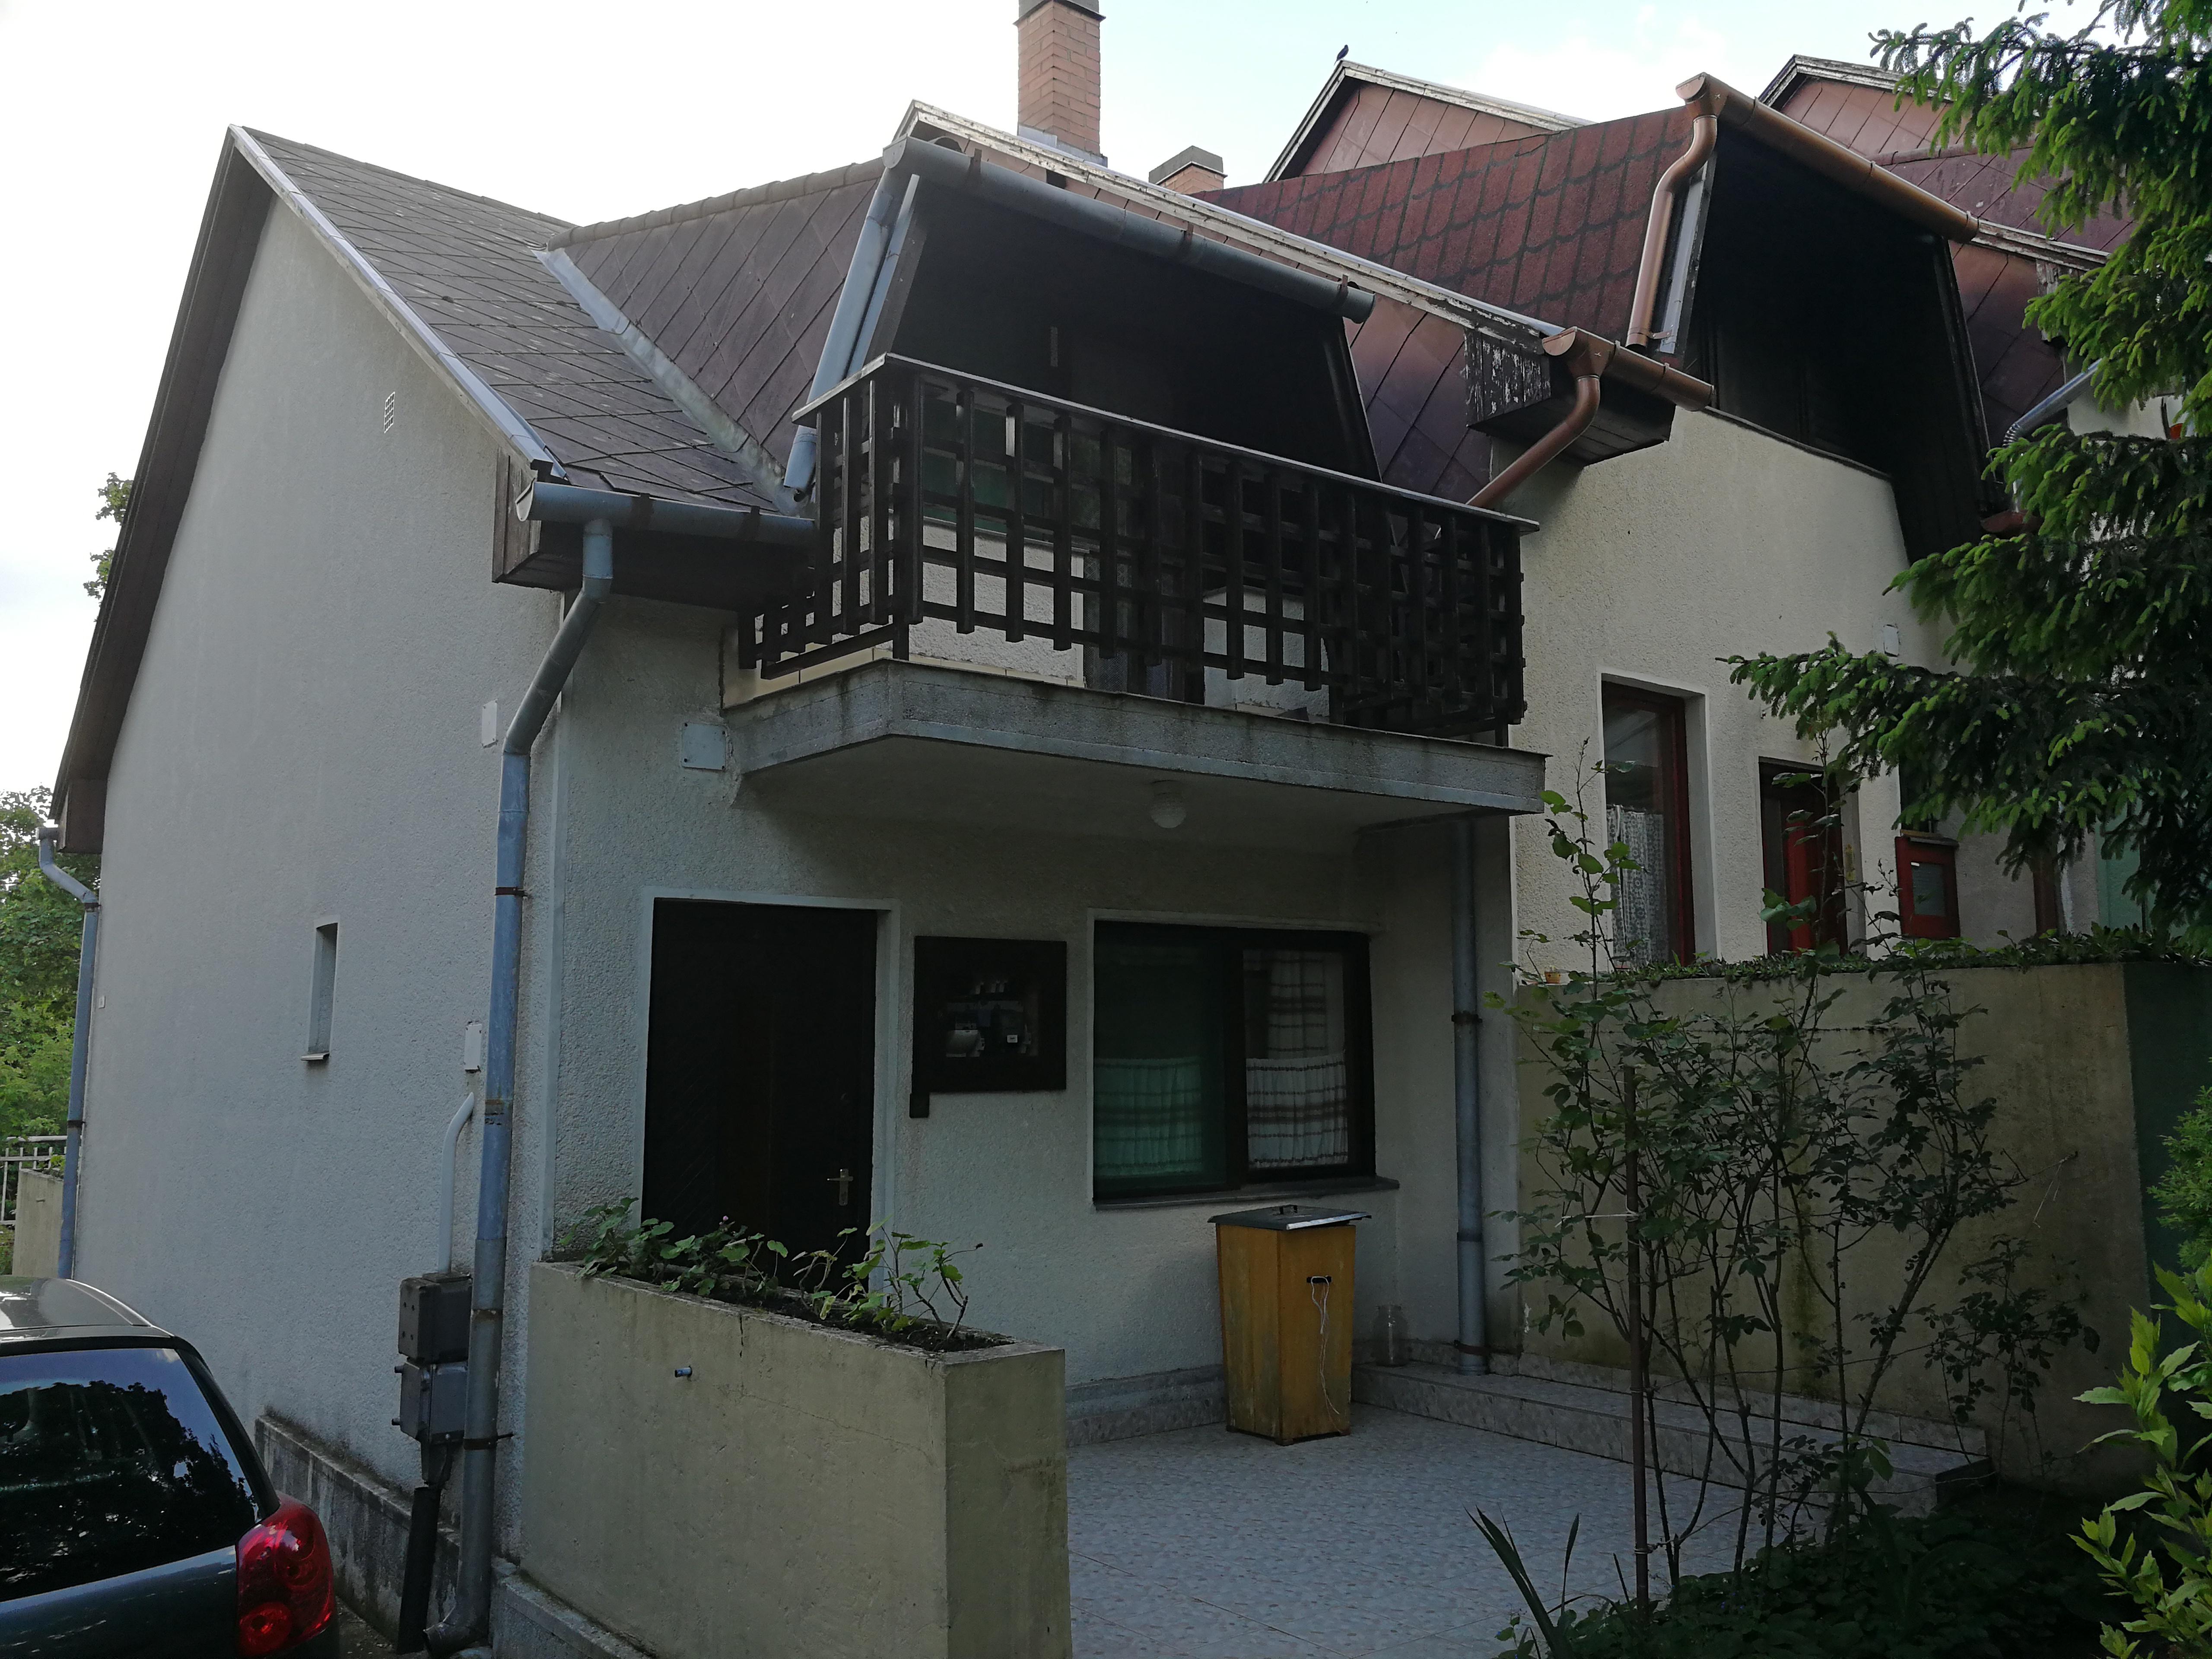 Zeb-48 Honti ház – Leányfalu – kiadó apartman – kiadó ház – szállás